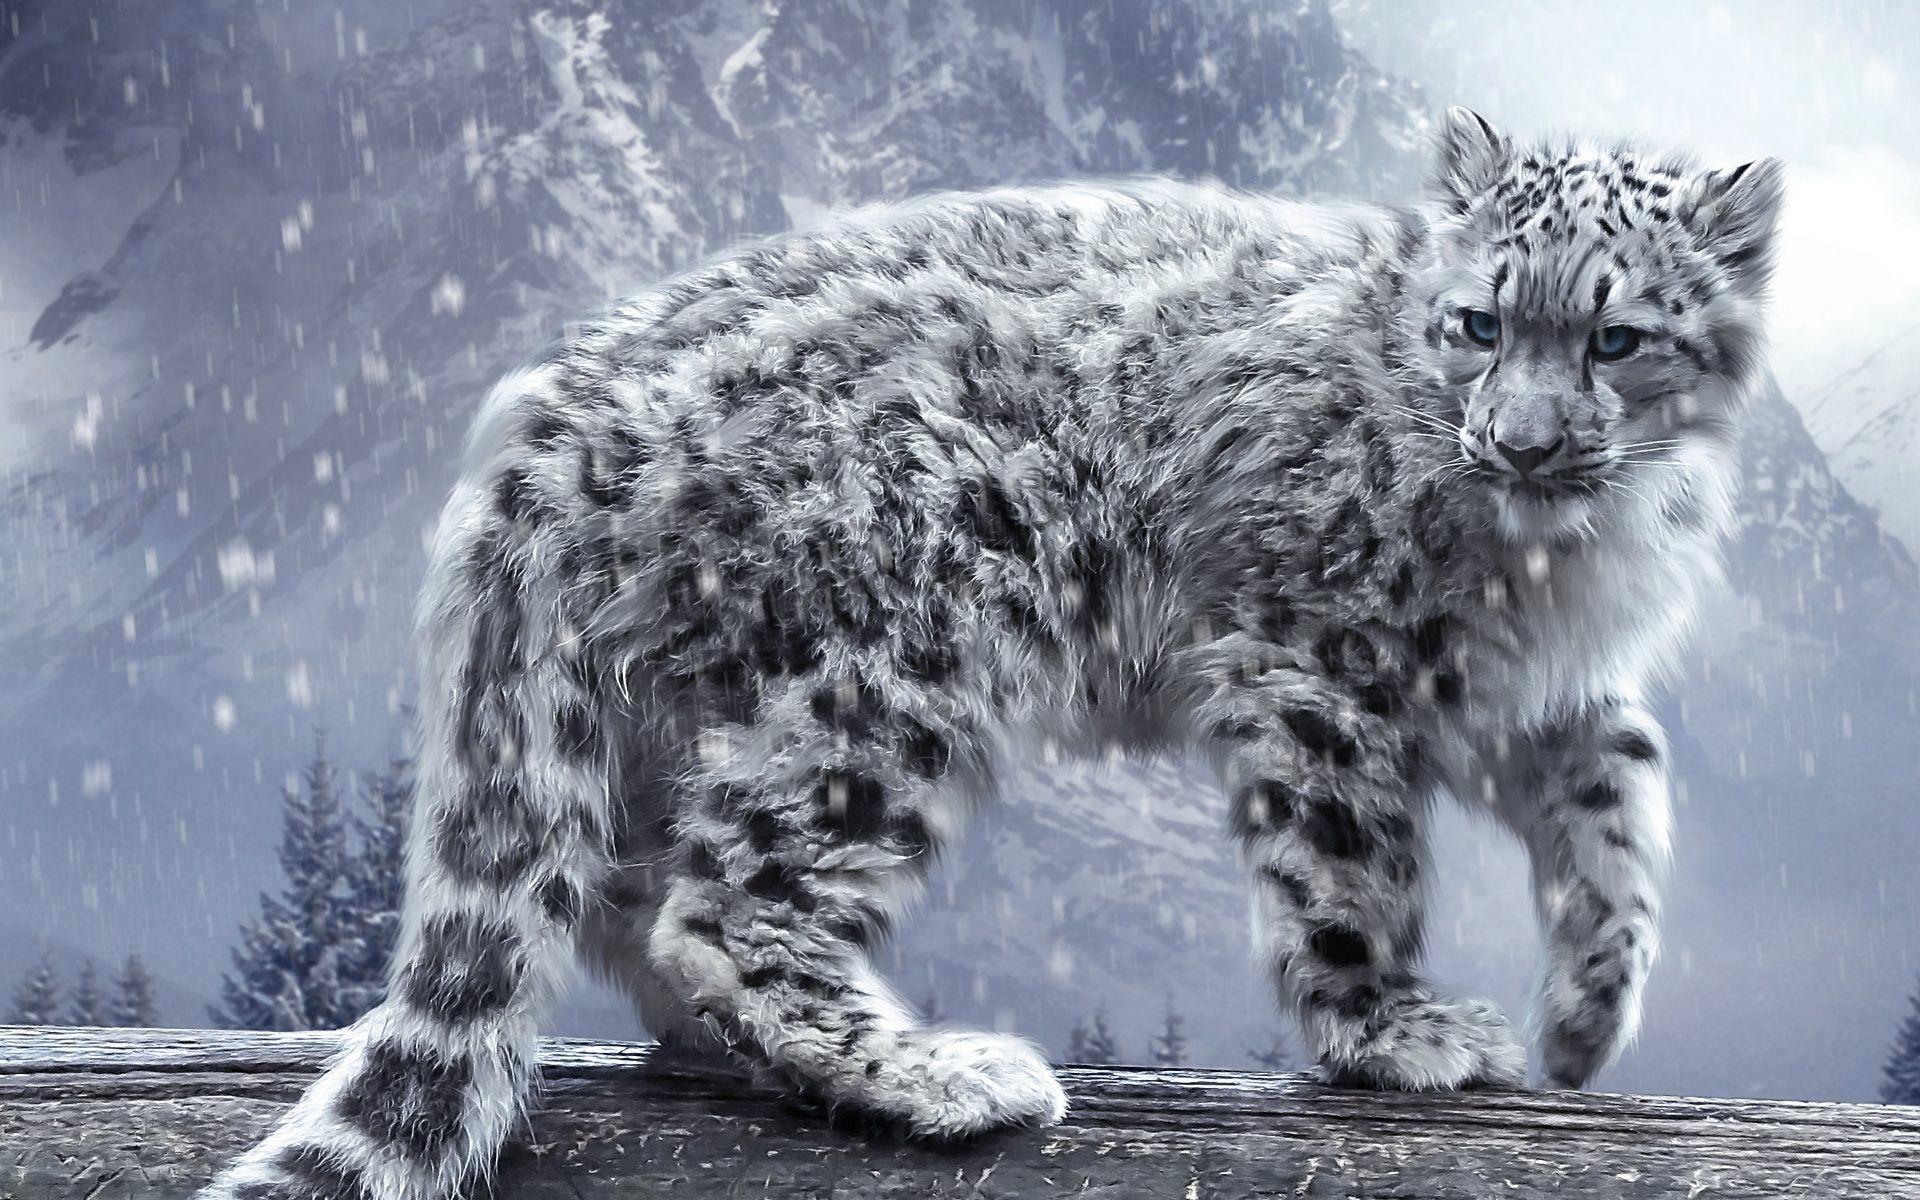 … Desktop Backgrounds Of Animals 22. Download